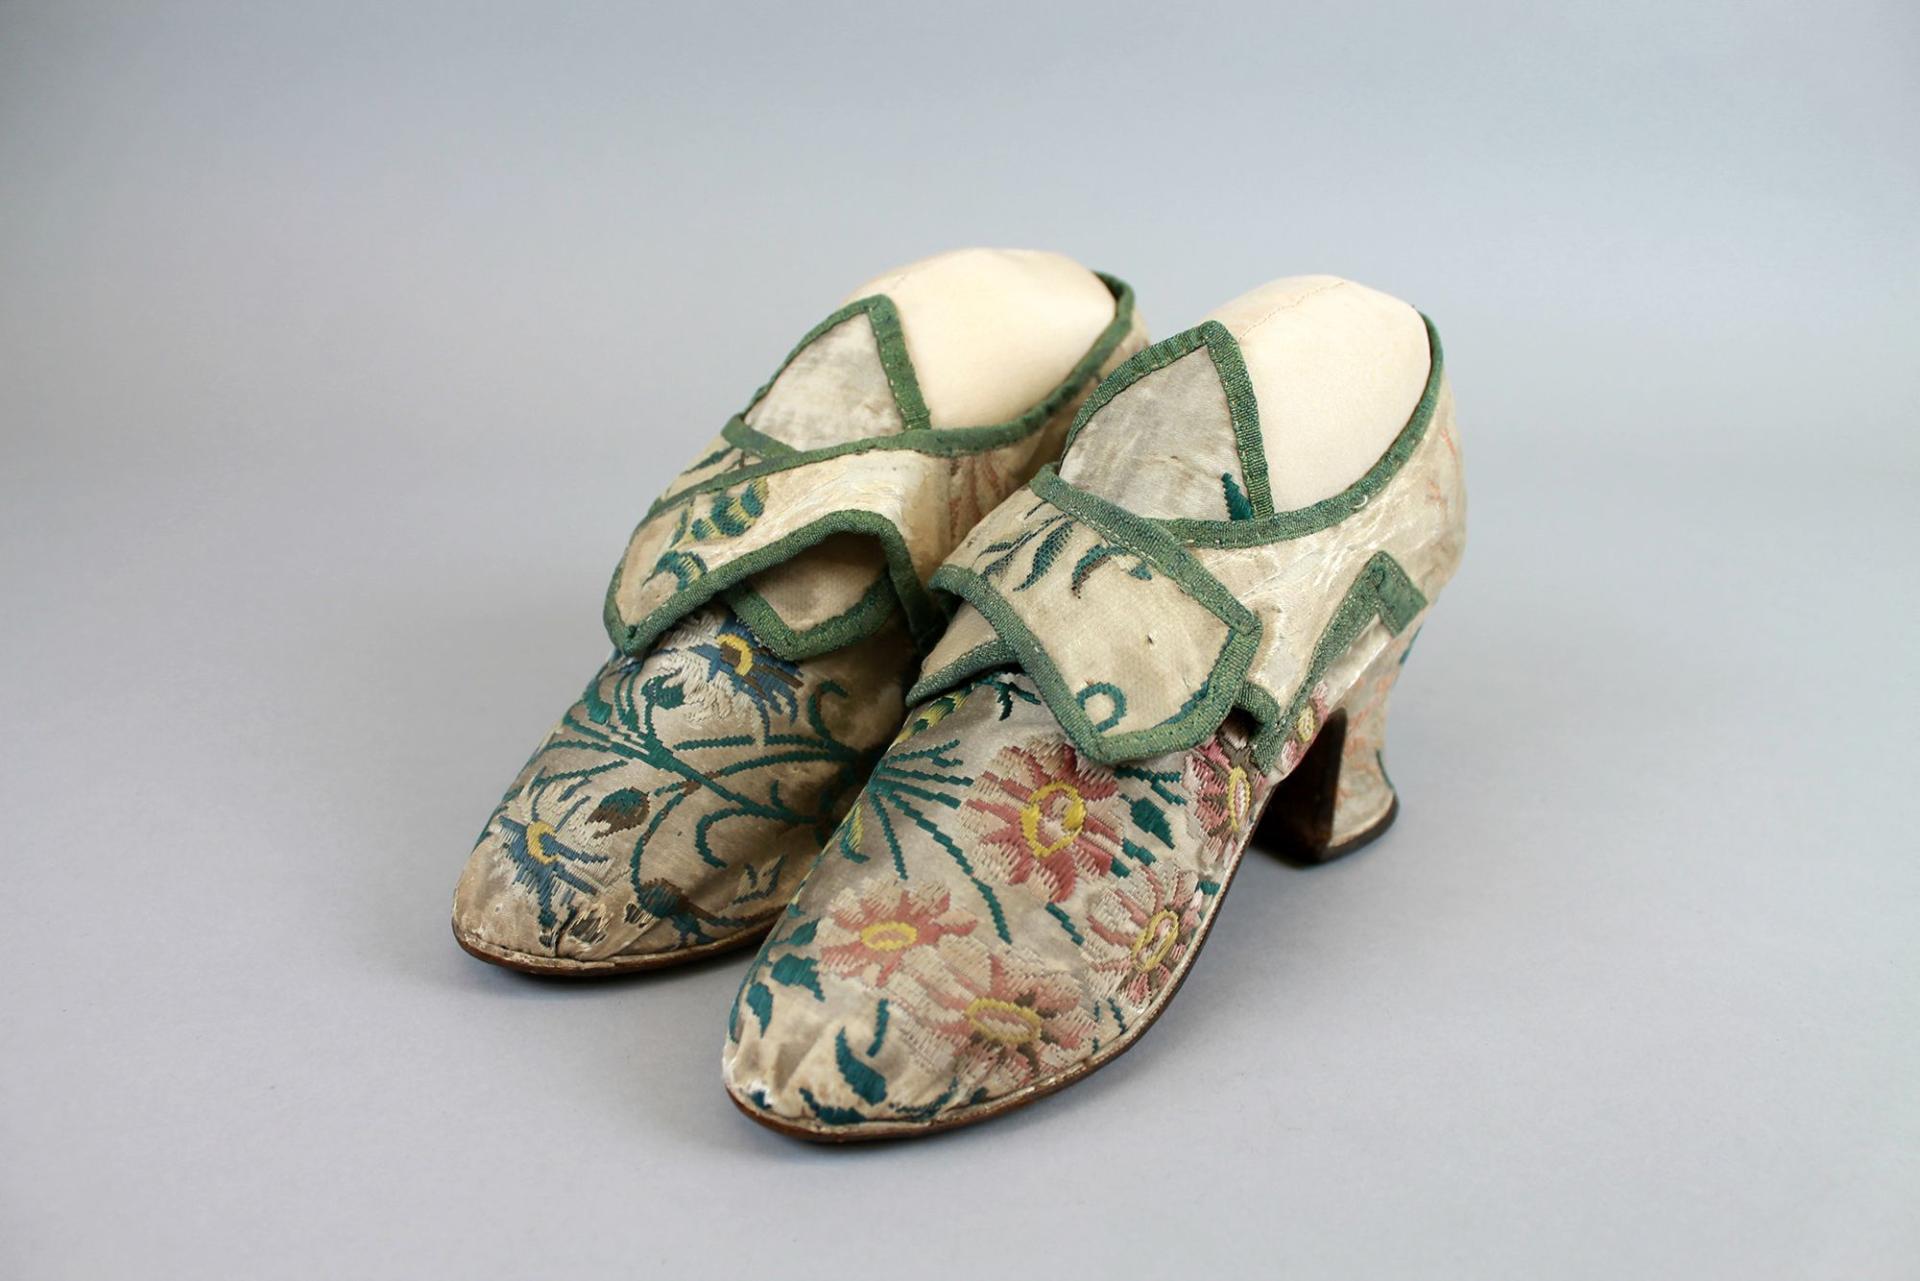 1730 Georgian shoes